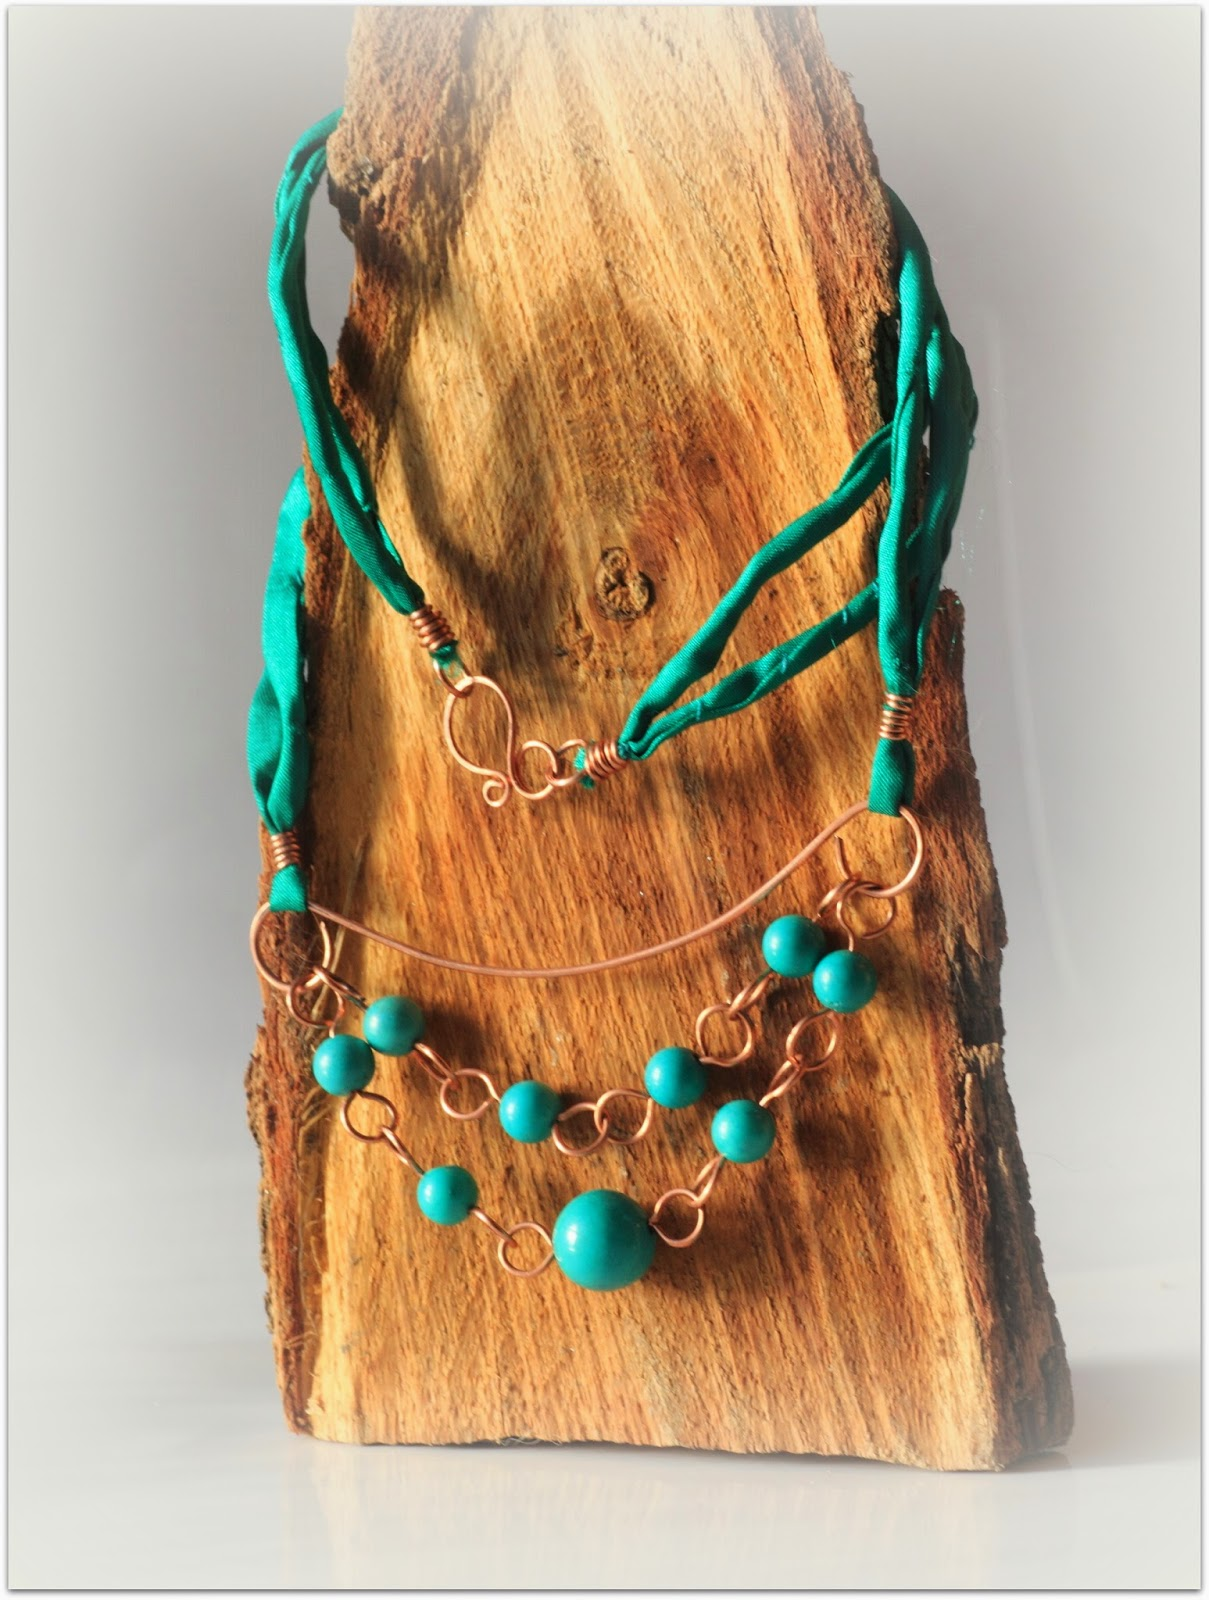 http://it.dawanda.com/product/72393427-Kupfer-und-Tuerkis-Halskette